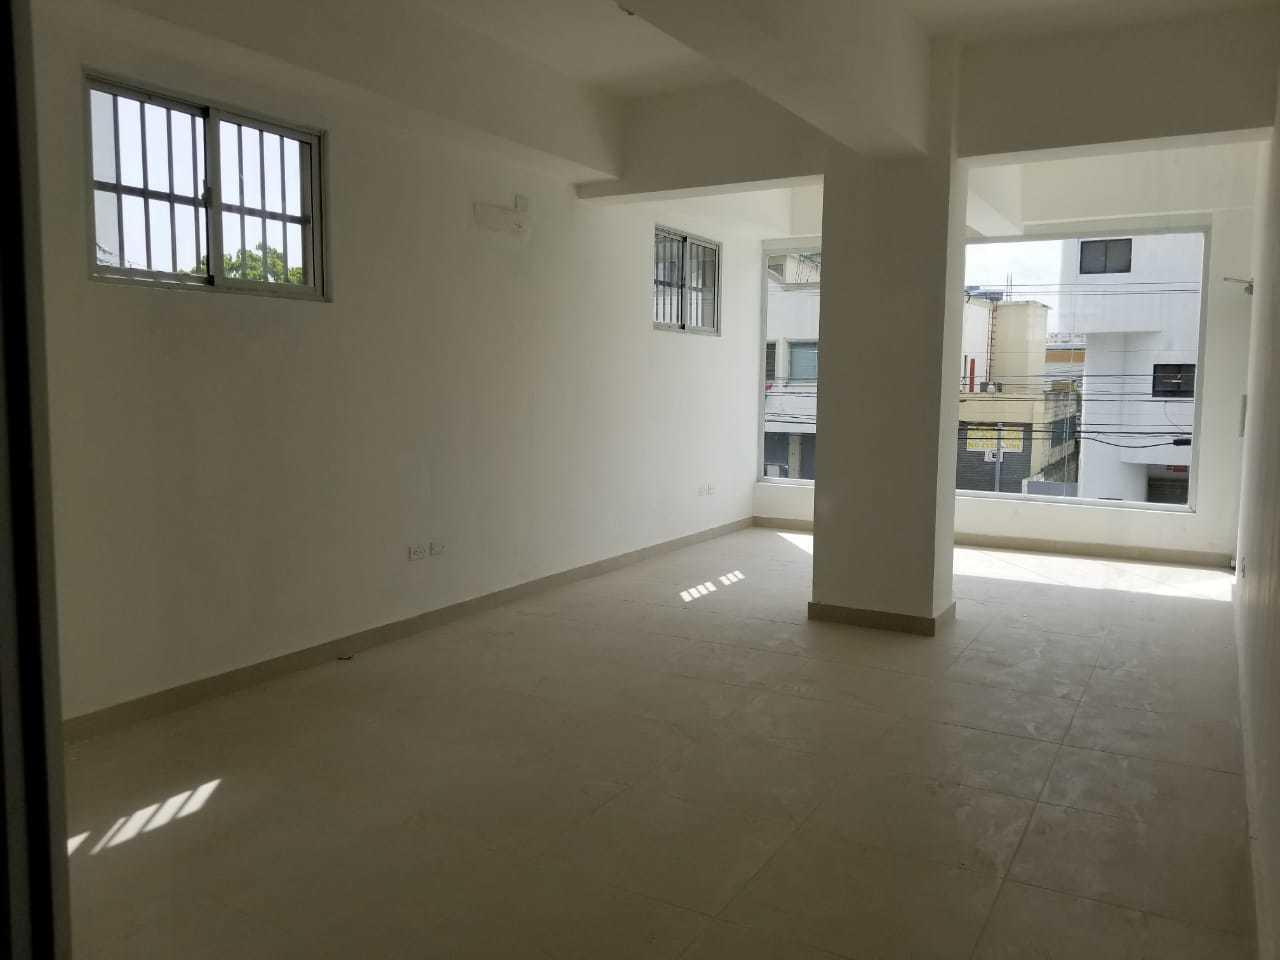 Local Comercial Distrito Nacional>Santo Domingo Dtto Nacional>Naco - Alquiler:1.027 Dolares - codigo: 18-495